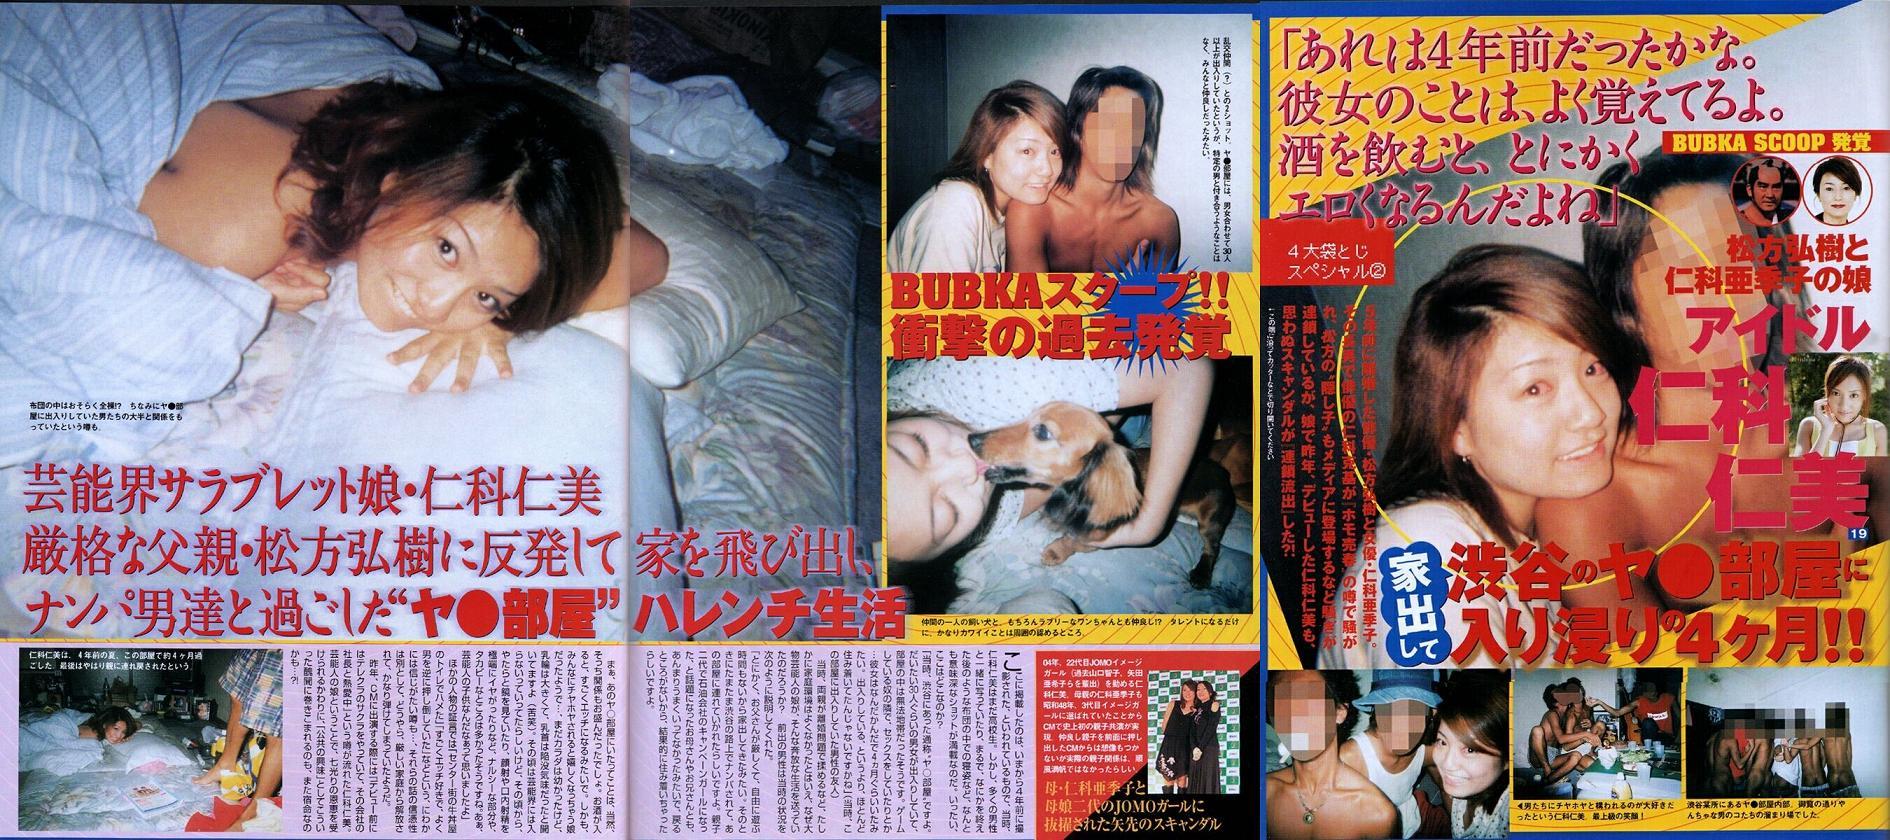 JKT48のセンディ・アリアニを筆頭に芸能人のとんでもないリベンジポルノ、にゃんにゃん流出写真が抜けるwww(画像あり)・28枚目の画像